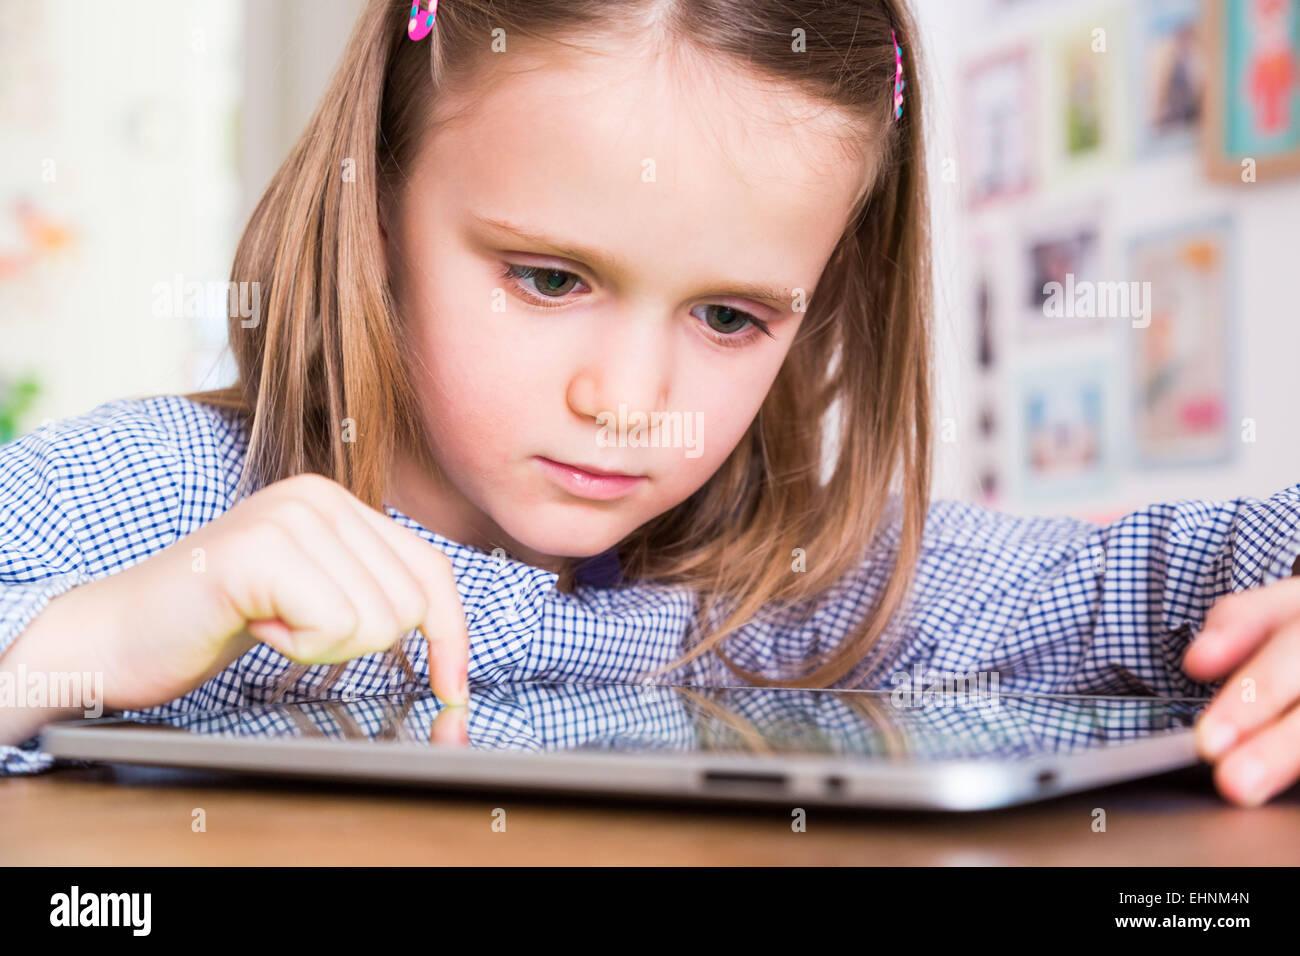 Niña de 5 años de edad con Tablet PC. Imagen De Stock